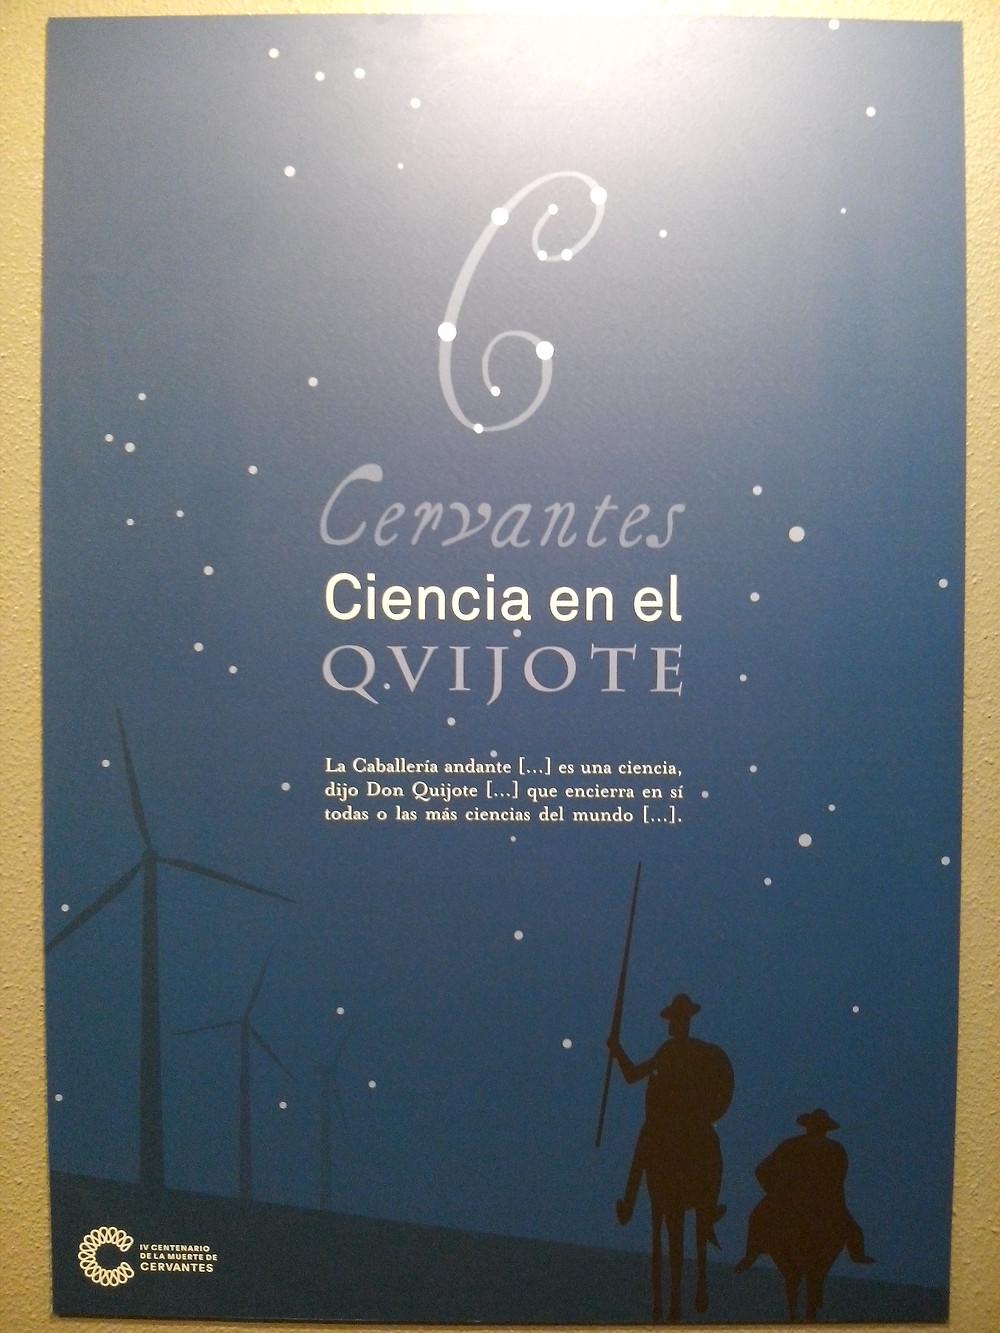 Exposición en el Museo de Ciencias Naturales de Madrid. Cervantes: Ciencia en el Qvijote. 400 Cervantes.